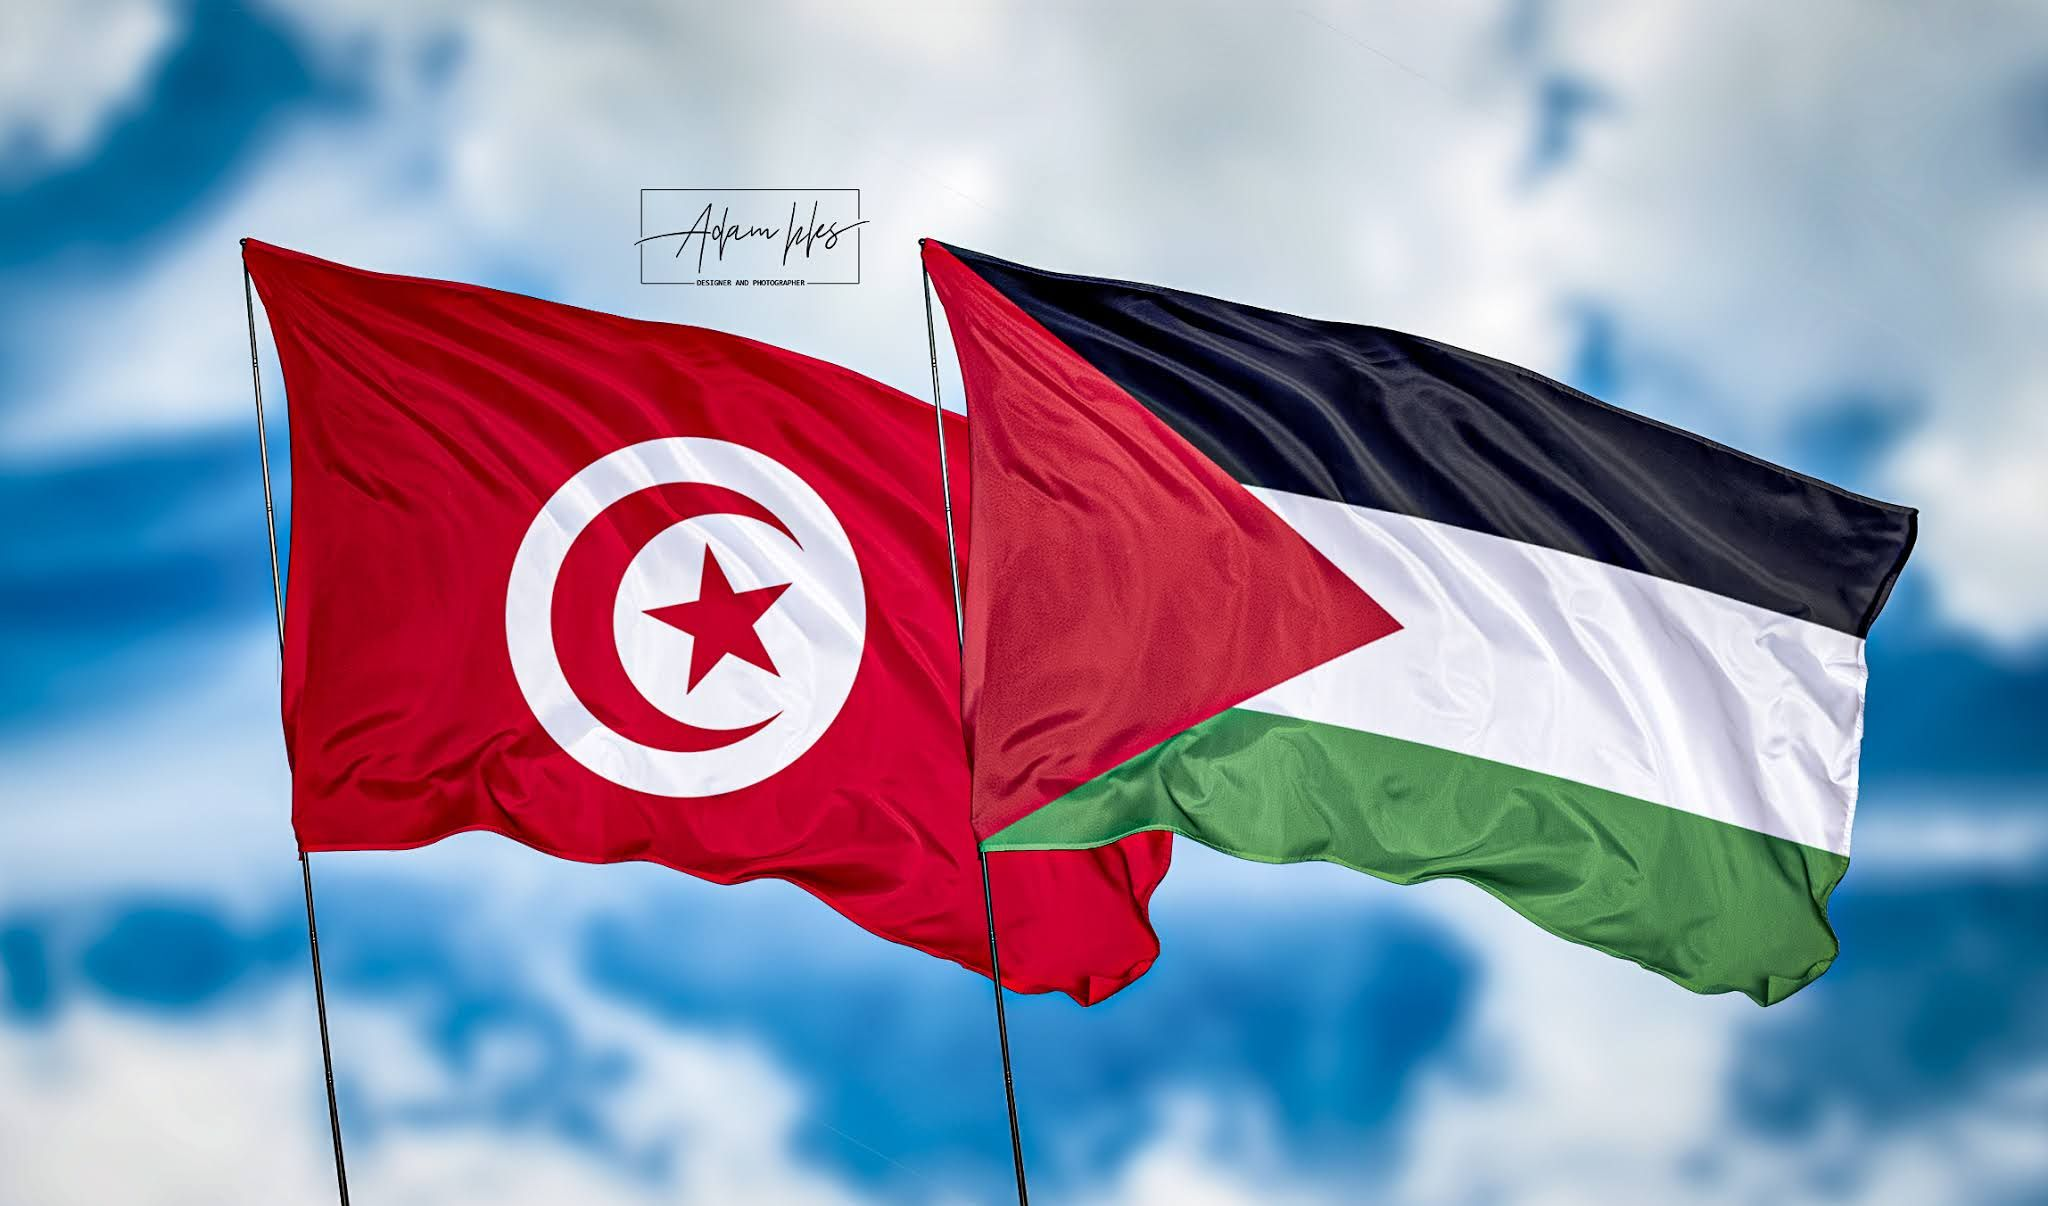 خلفيات تونس وفلسطين اجمل خلفيات اعلام تونس وفلسطين ترفرف في السماء Canada Flag Country Flags Flag